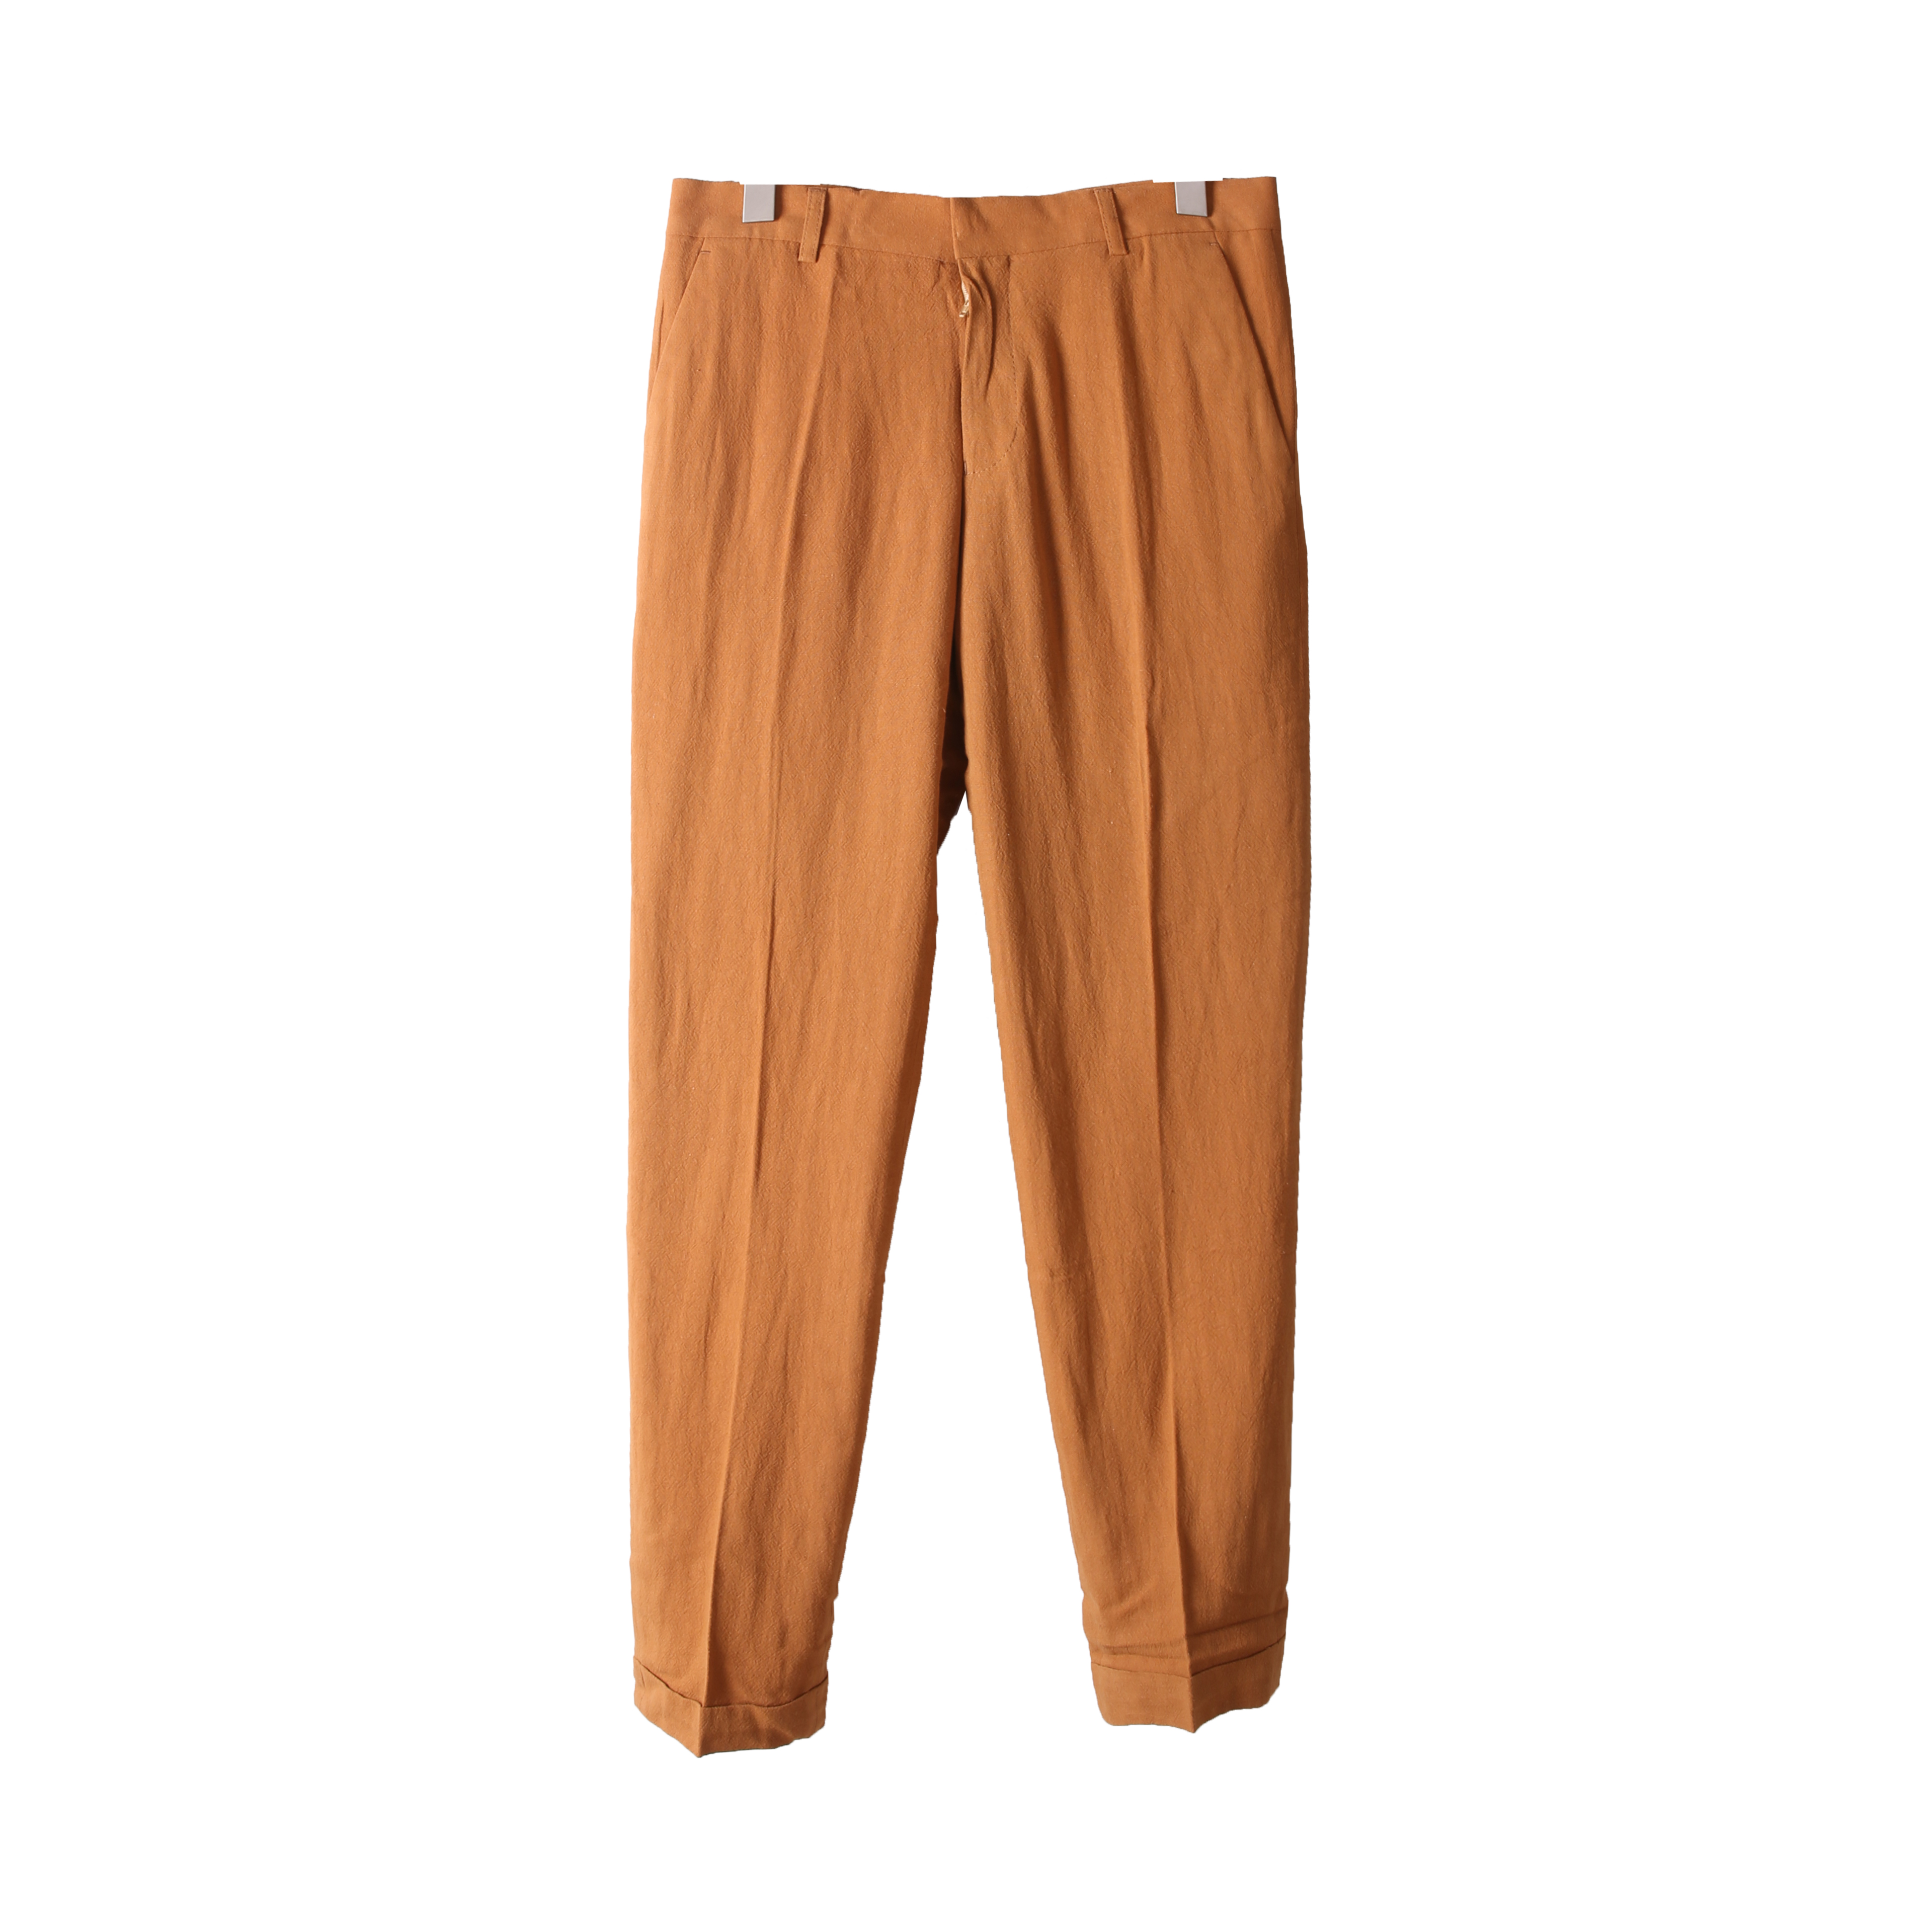 6568 包邮男装休闲裤韩版春秋季新款九分裤纯色修身西裤潮特价超值